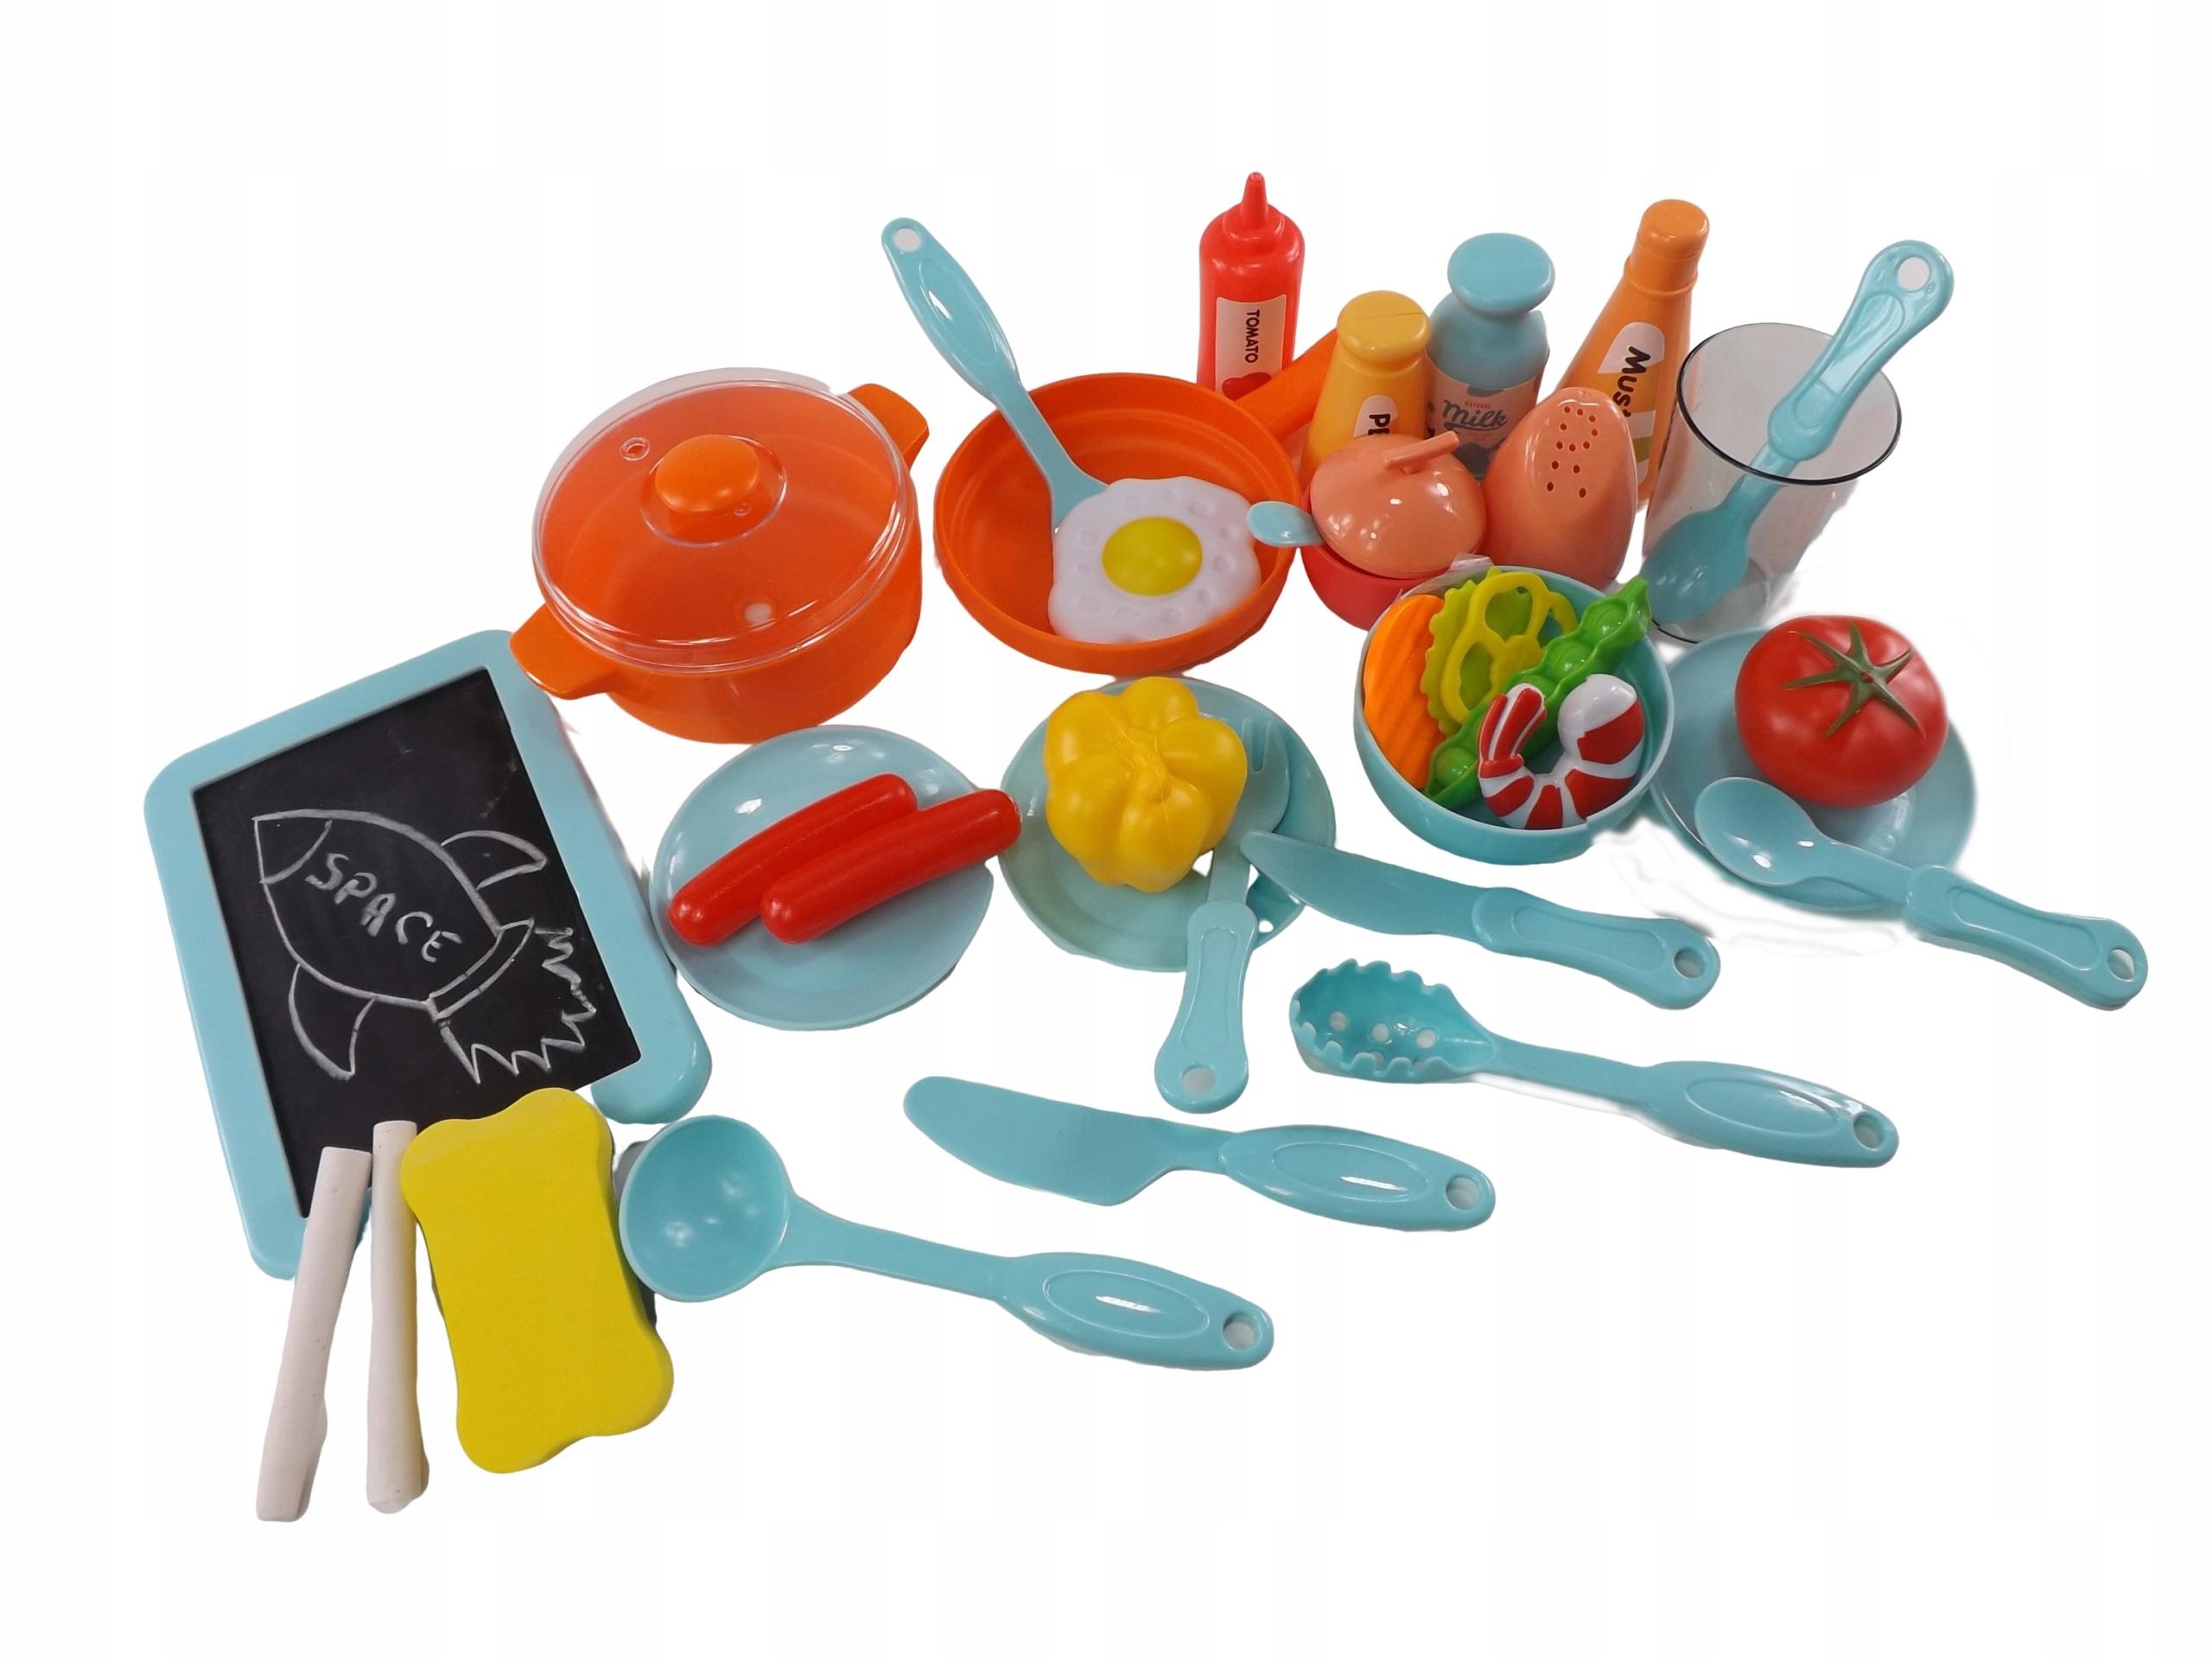 KUCHNIA DLA DZIECI WODA KRAN DŹWIĘKI ŚWIATŁA 169 Materiał Plastik